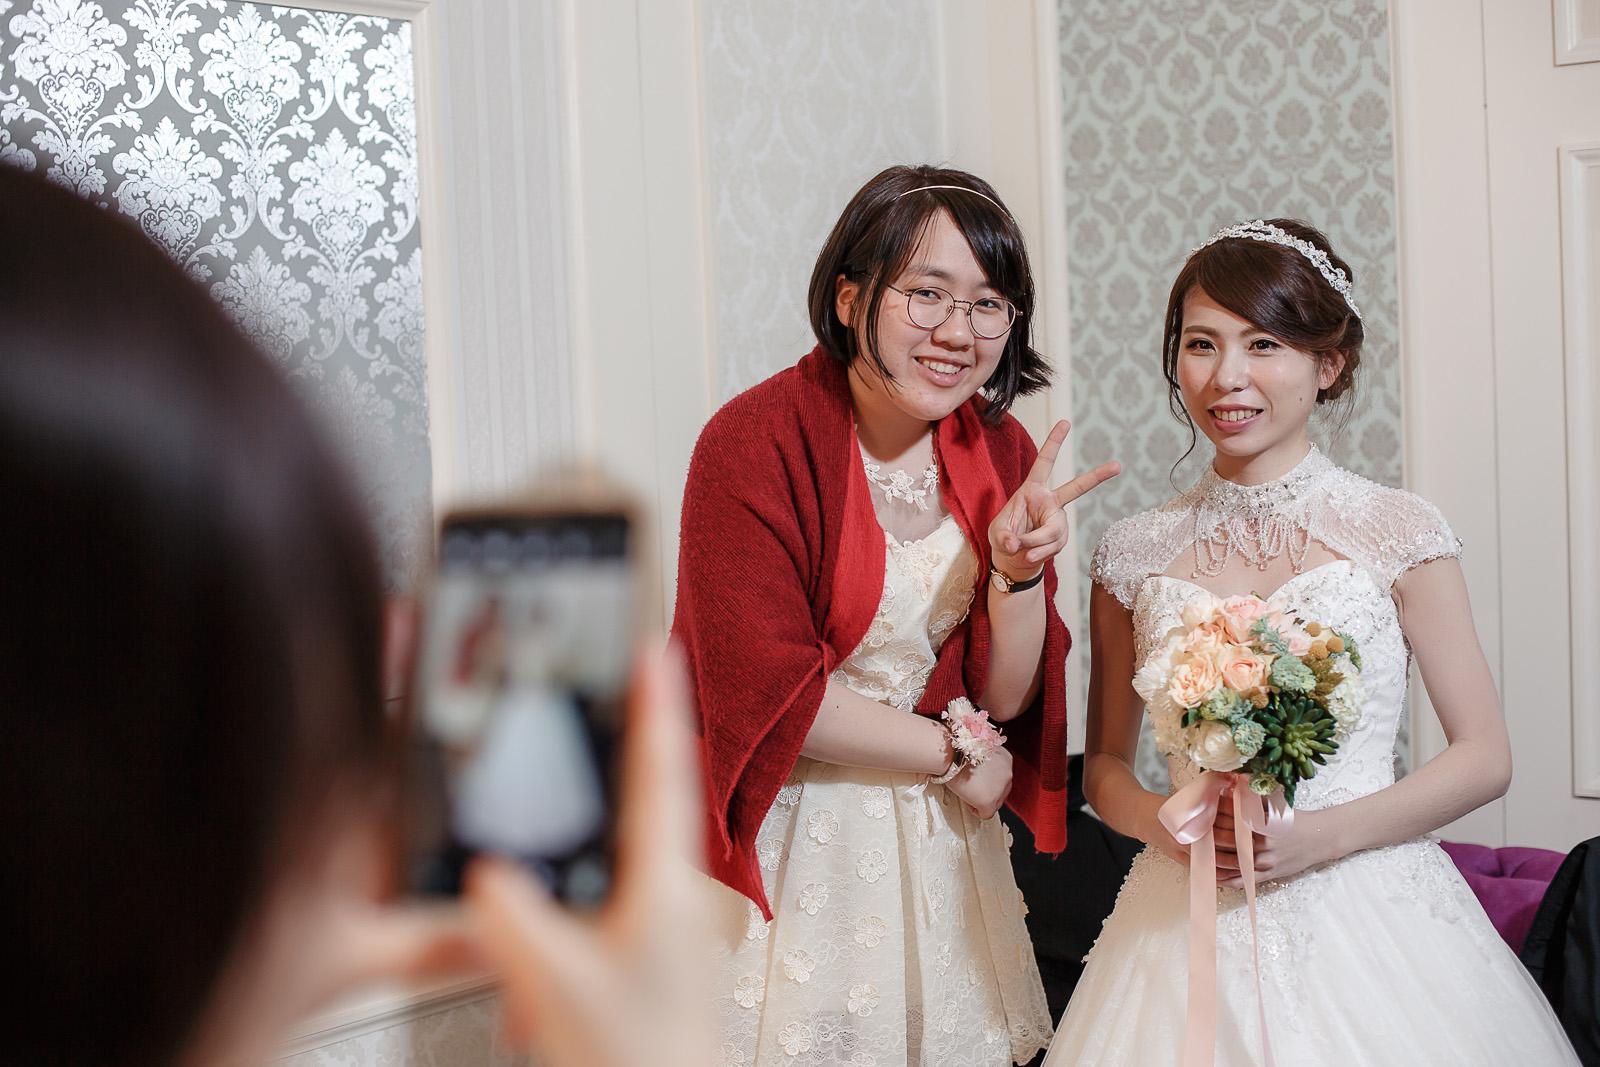 高雄圓山飯店,婚禮攝影,婚攝,高雄婚攝,優質婚攝推薦,Jen&Ethan-226